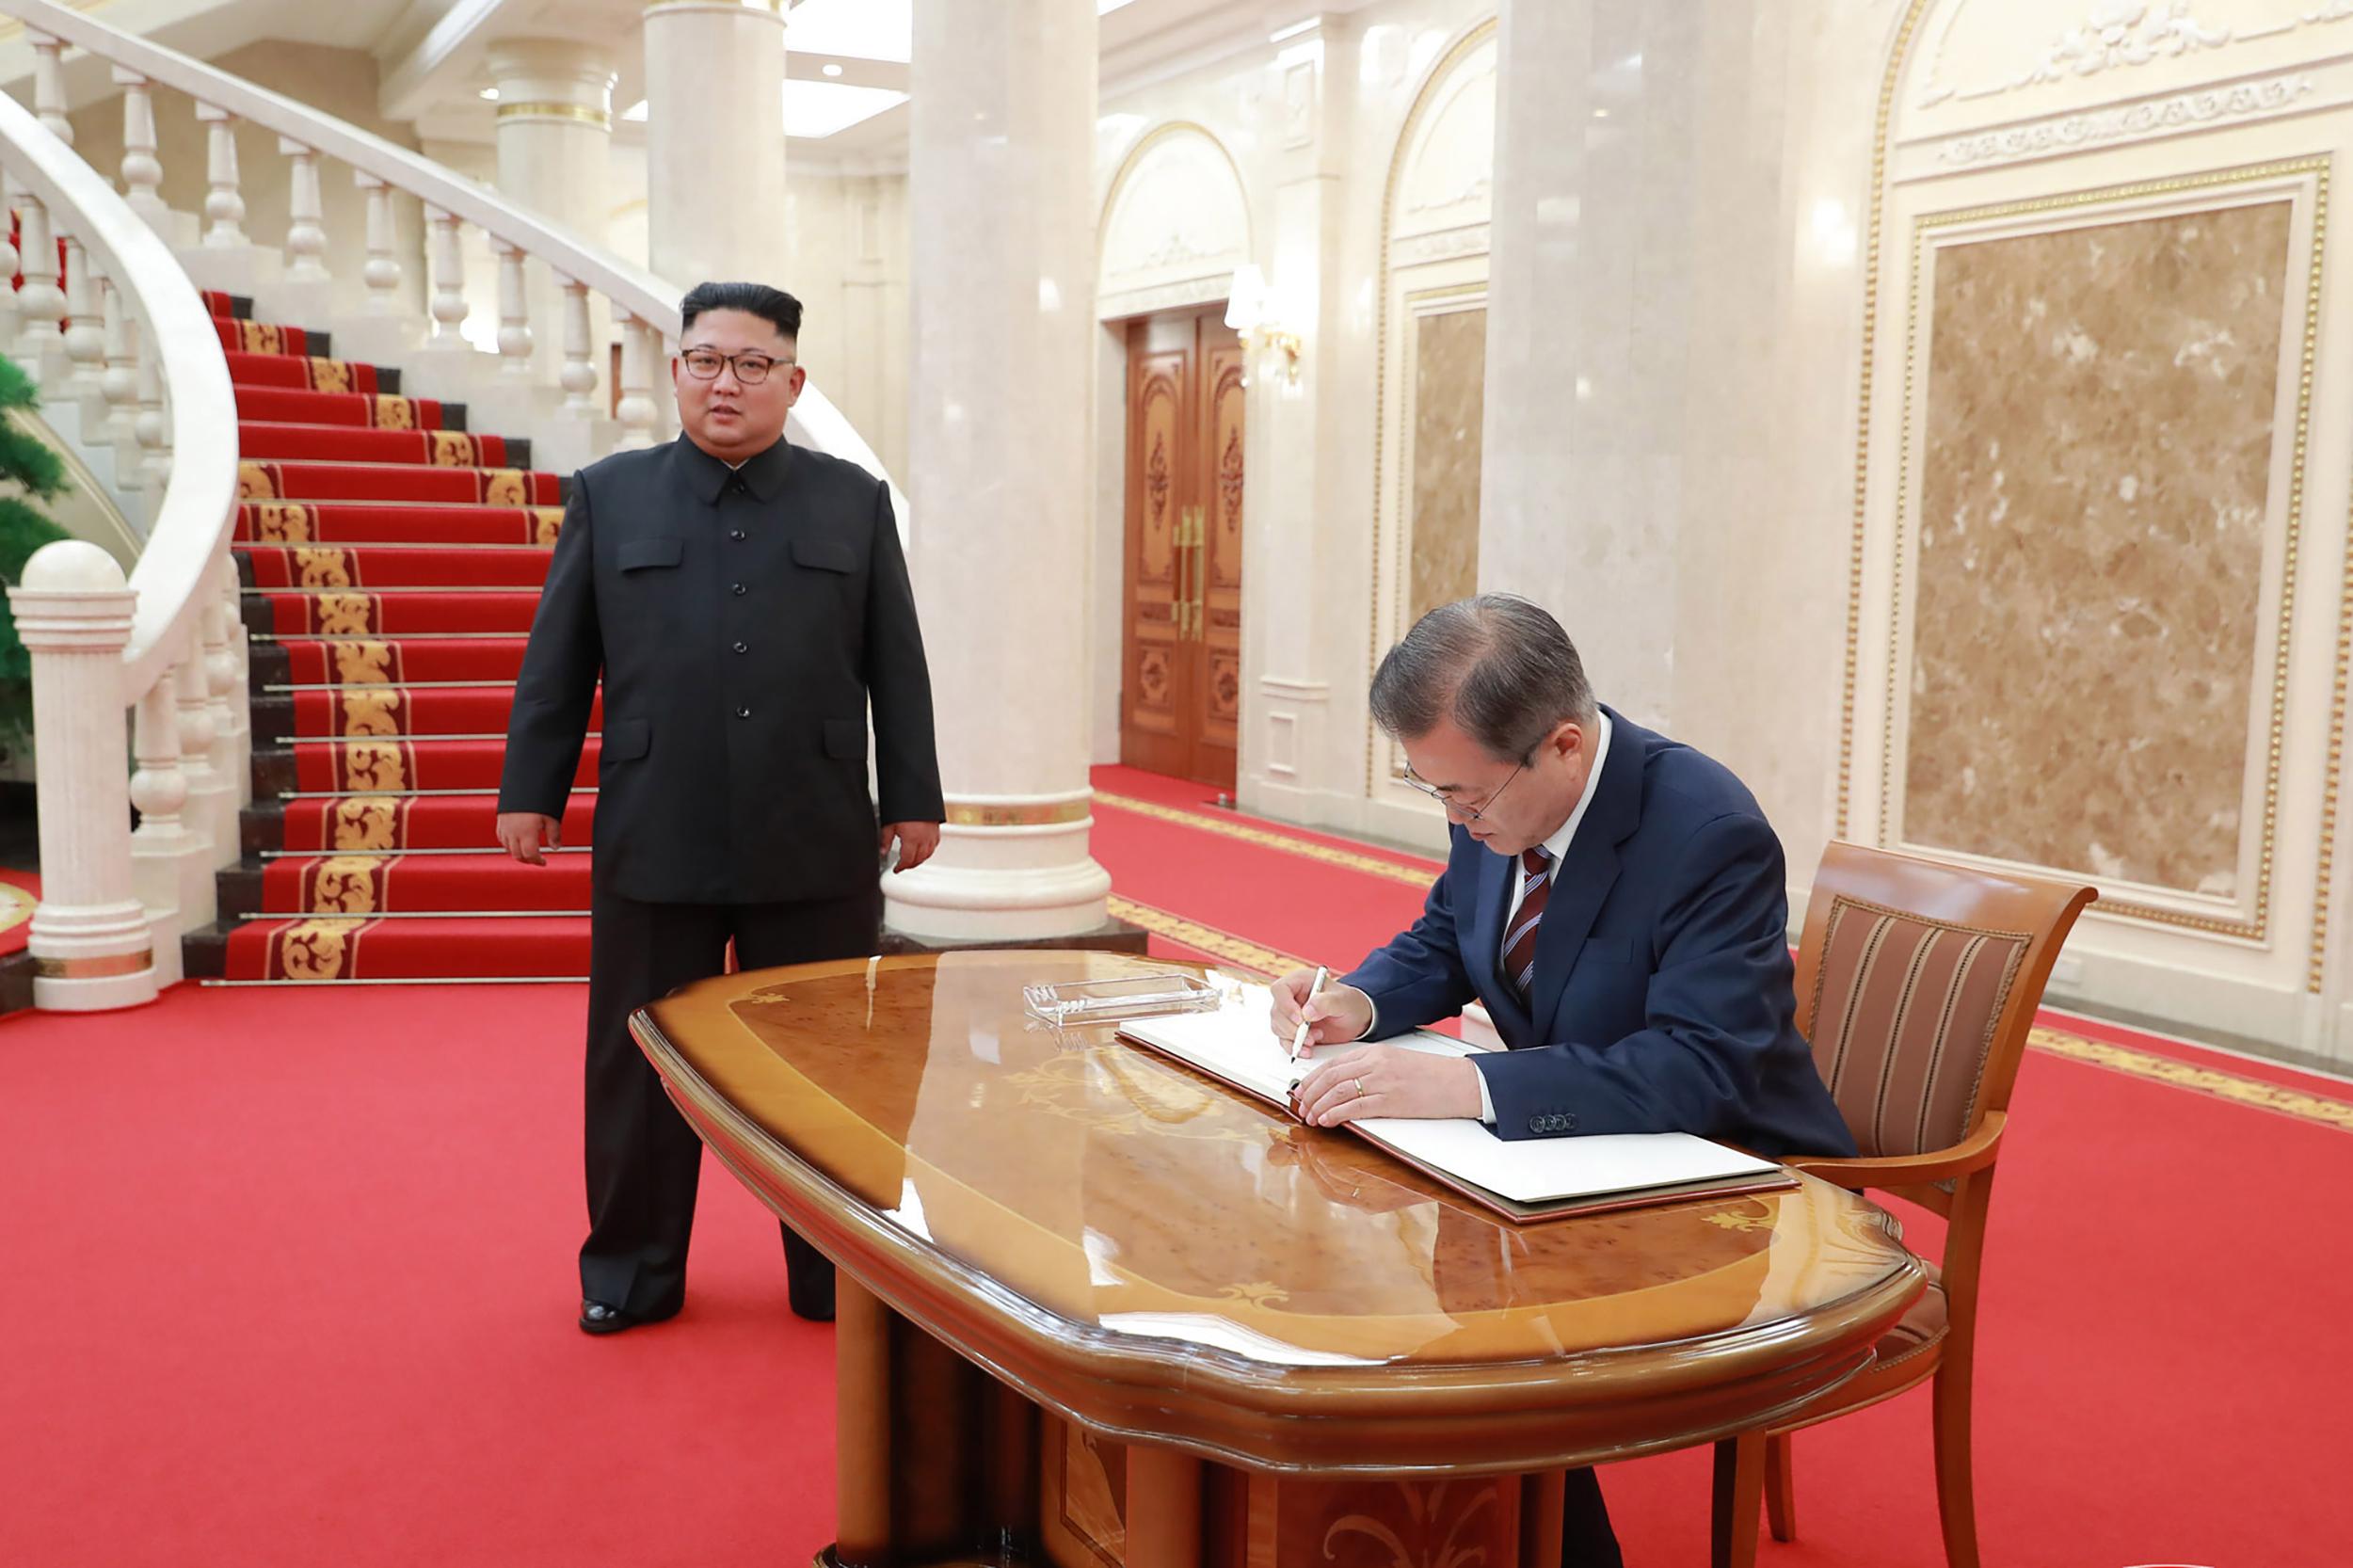 Áttörés Koreában, Kim belement fő rakétakísérleti telepe leszerelésébe